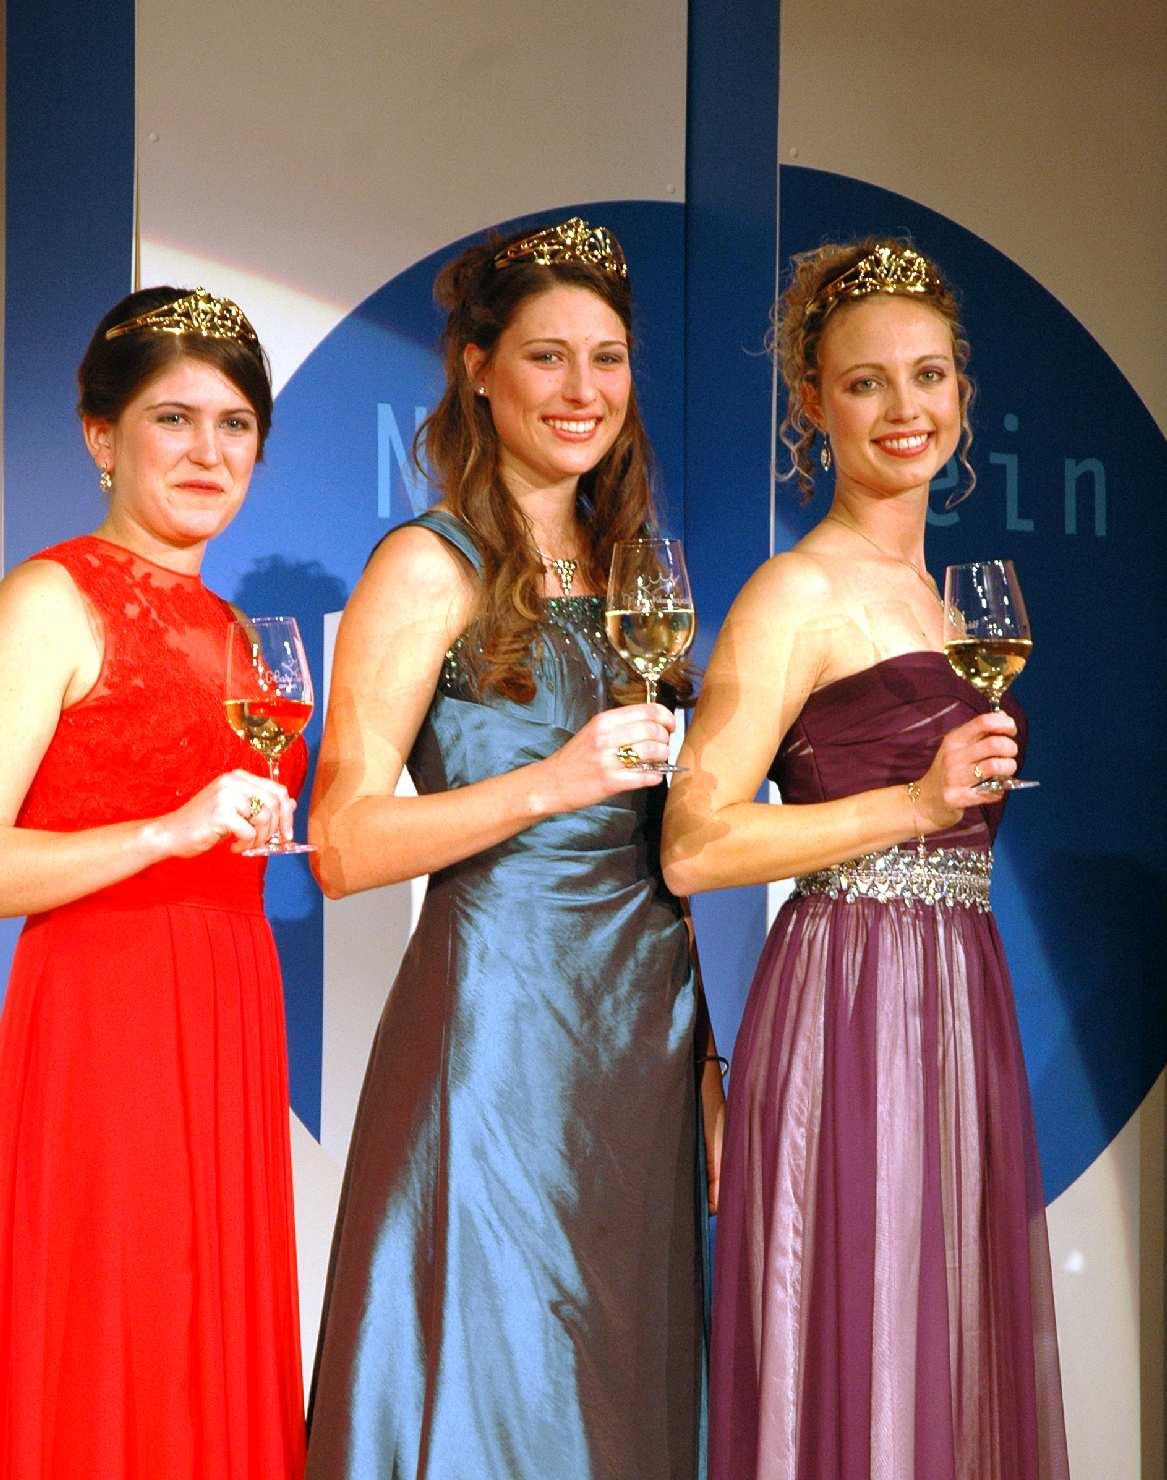 Die neuen Naheweinmajestäten (v. l.): Elisa Marie Reichardt, Laura Weber und Victoria Gänz.